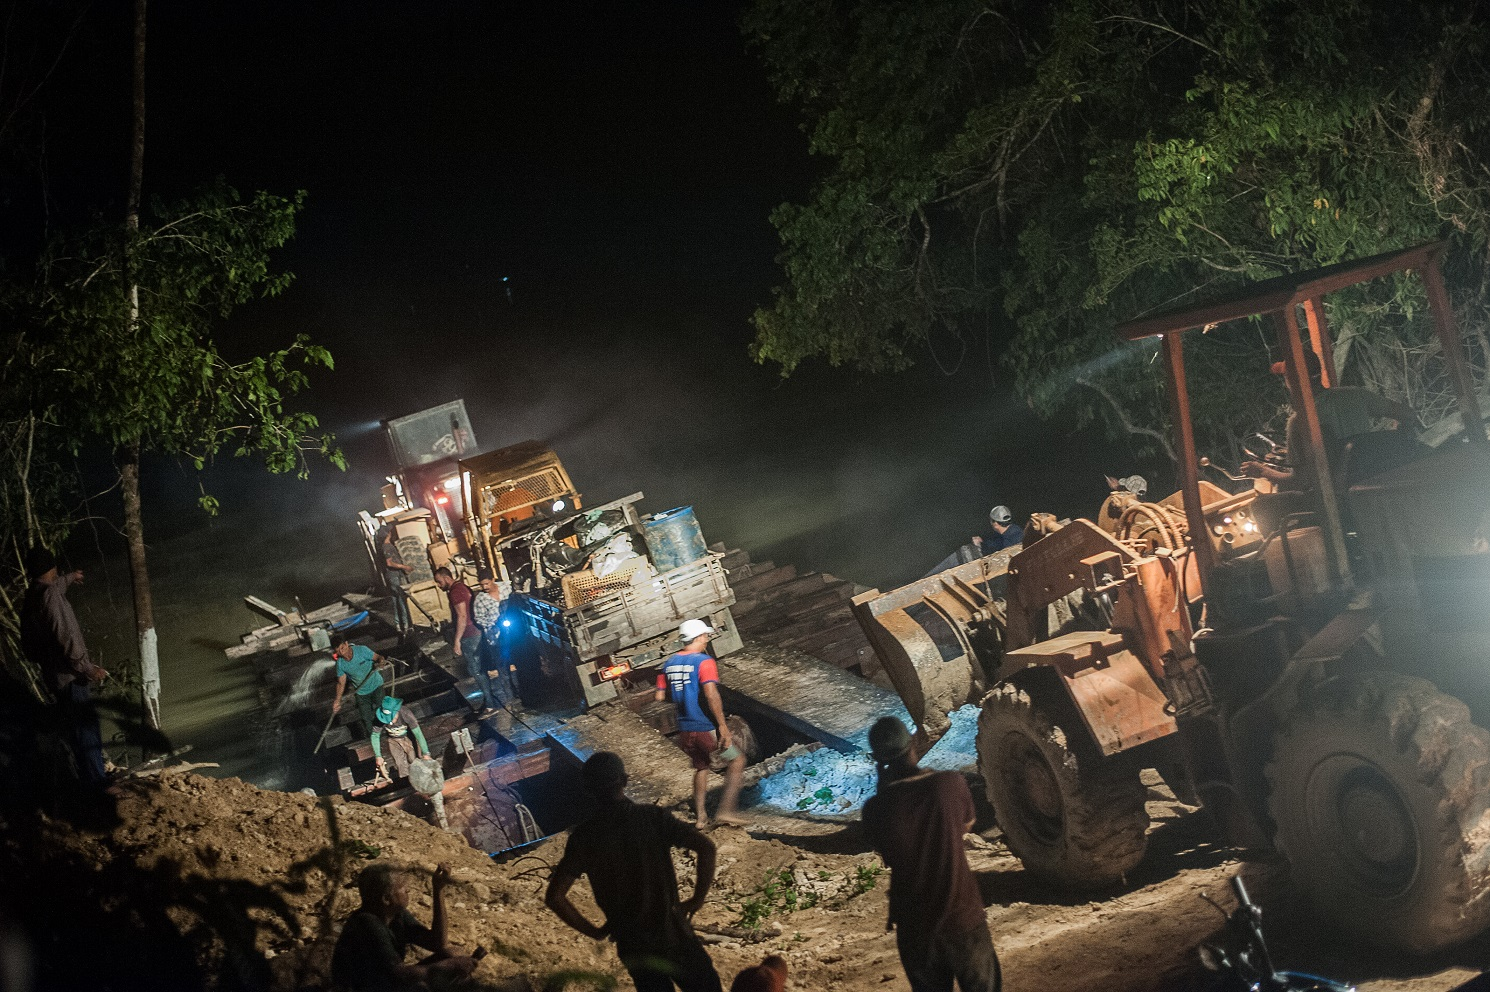 Tratores e caminhões dos invasores expulsos pelos indígenas Munduruku do Alto e Médio Tapajos. Foto Anderson Barbosa